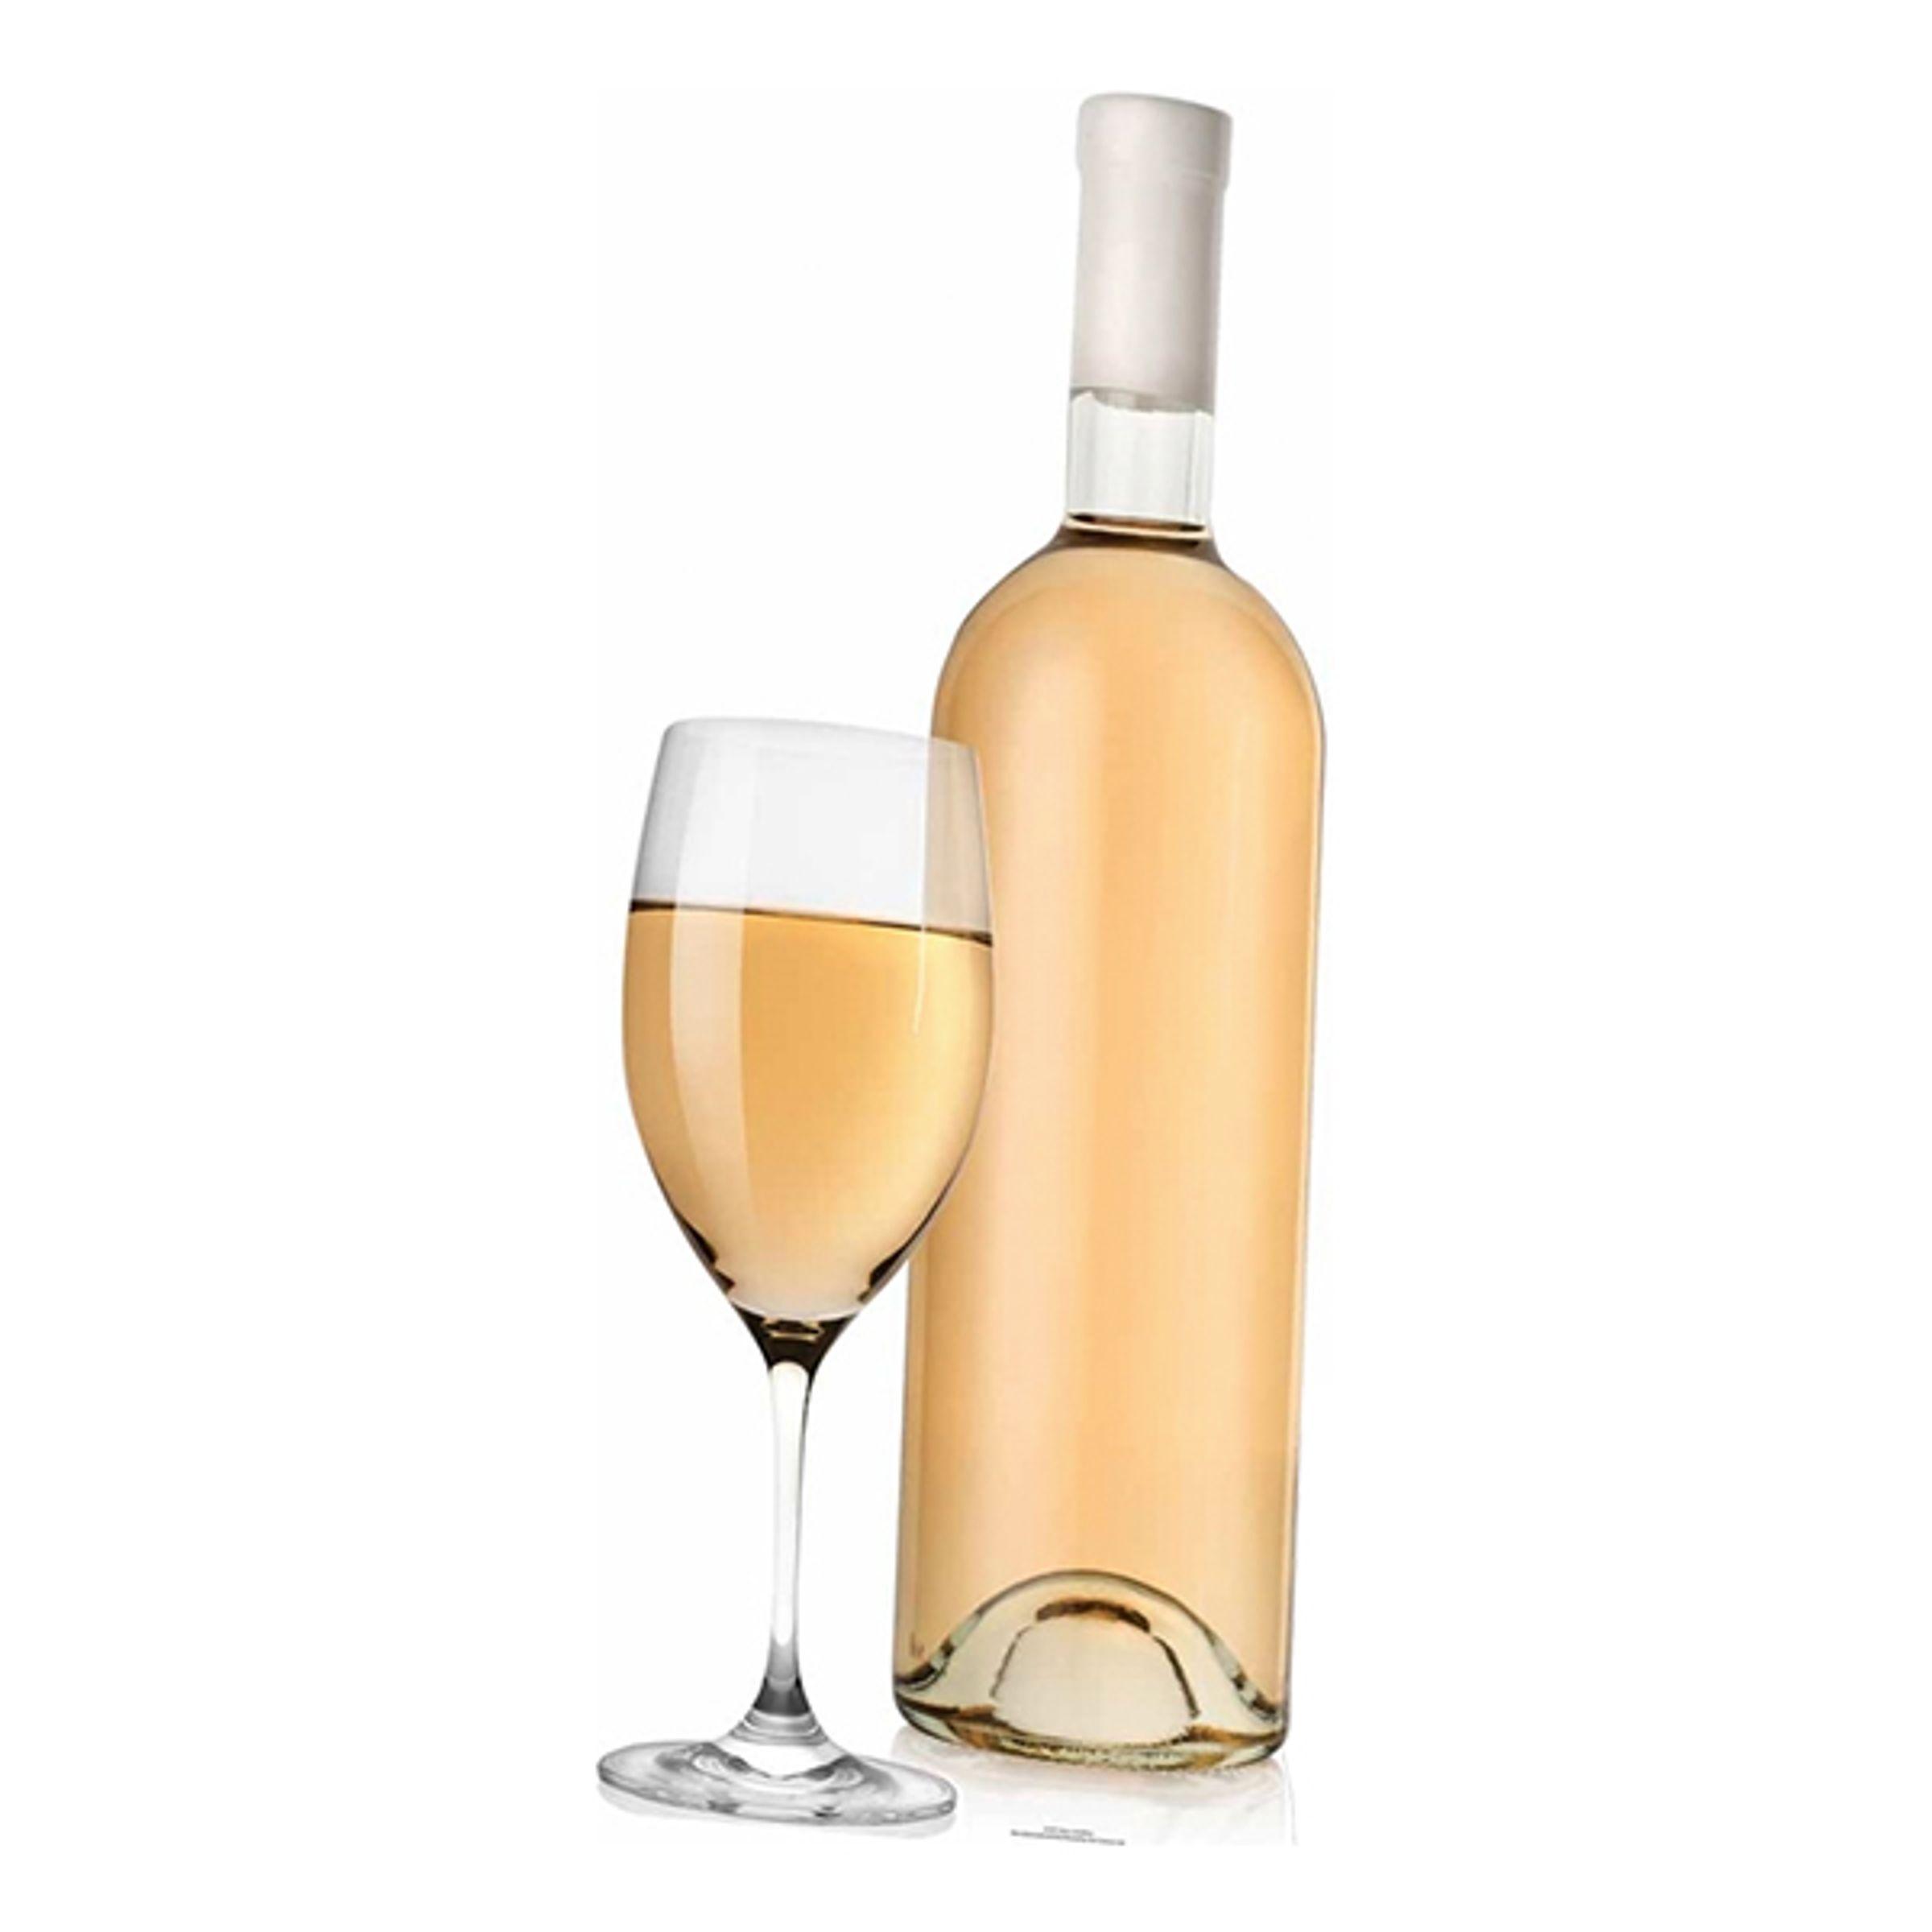 Vitt Vin med Glas Kartongfigur   Hem//Teman//Presenter//Present Till Henne   Partyoutlet